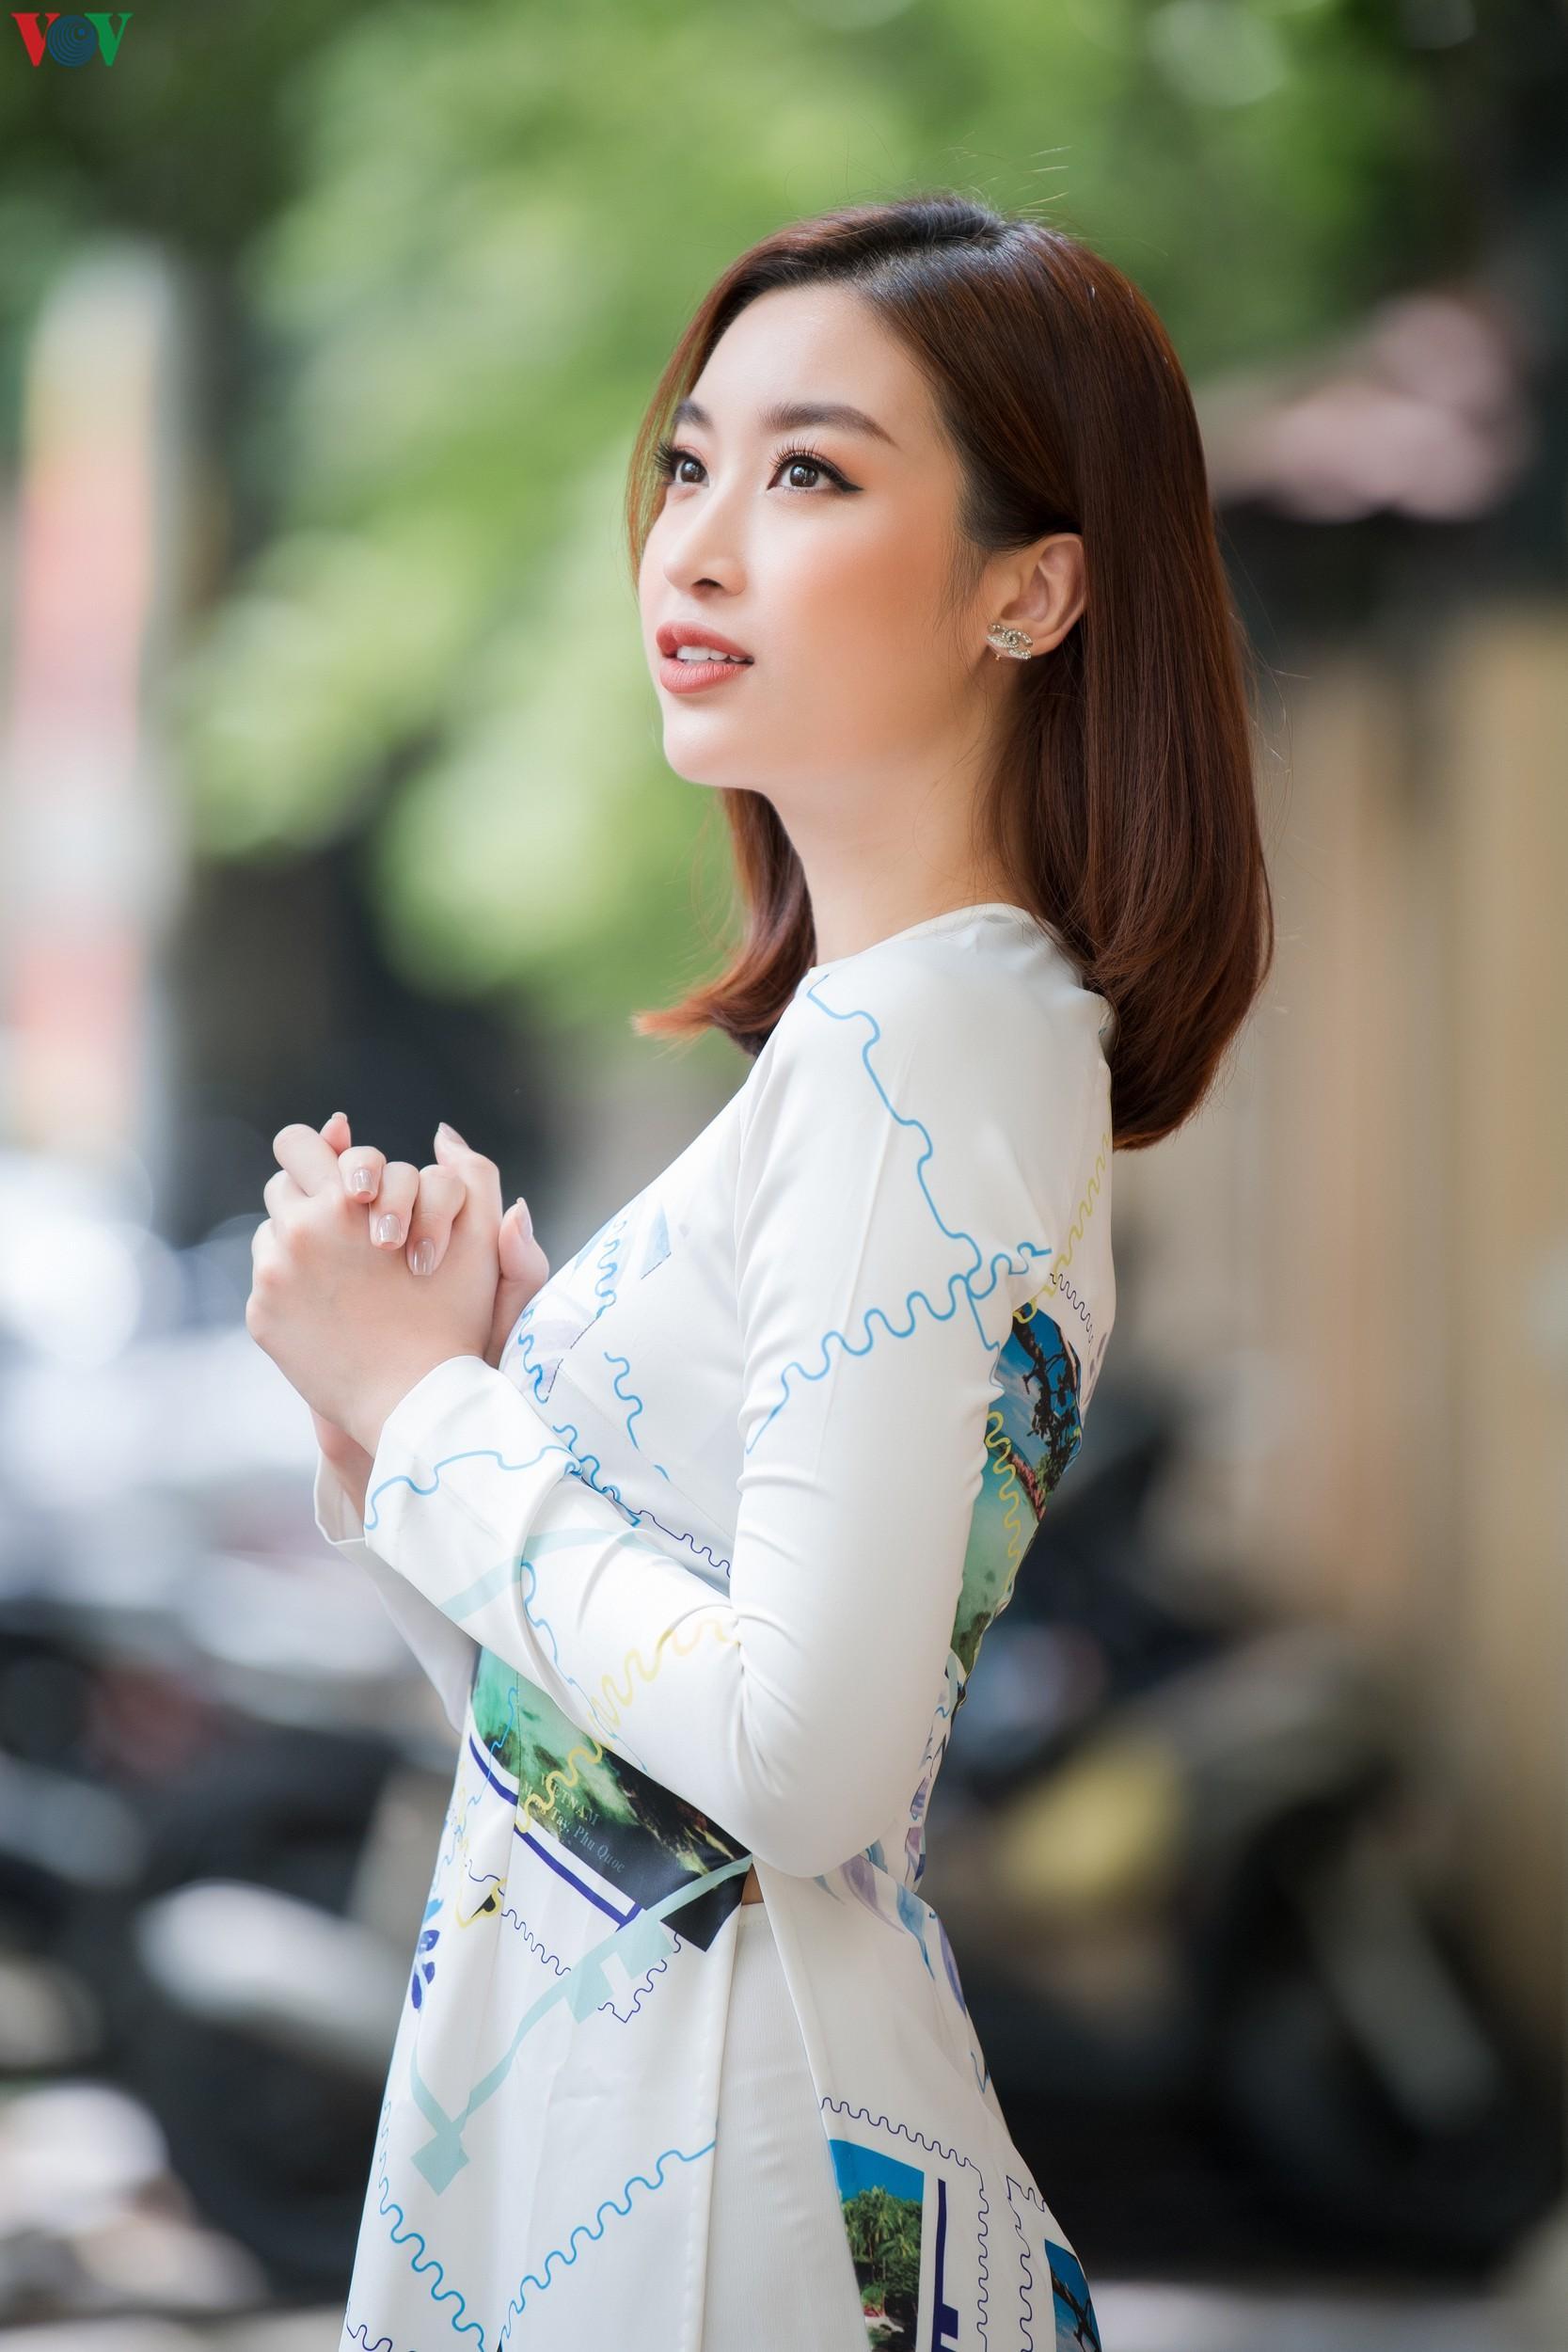 Hoa hậu Ngọc Hân, Đỗ Mỹ Linh đọ dáng với áo dài in hình biển đảo Ảnh 5